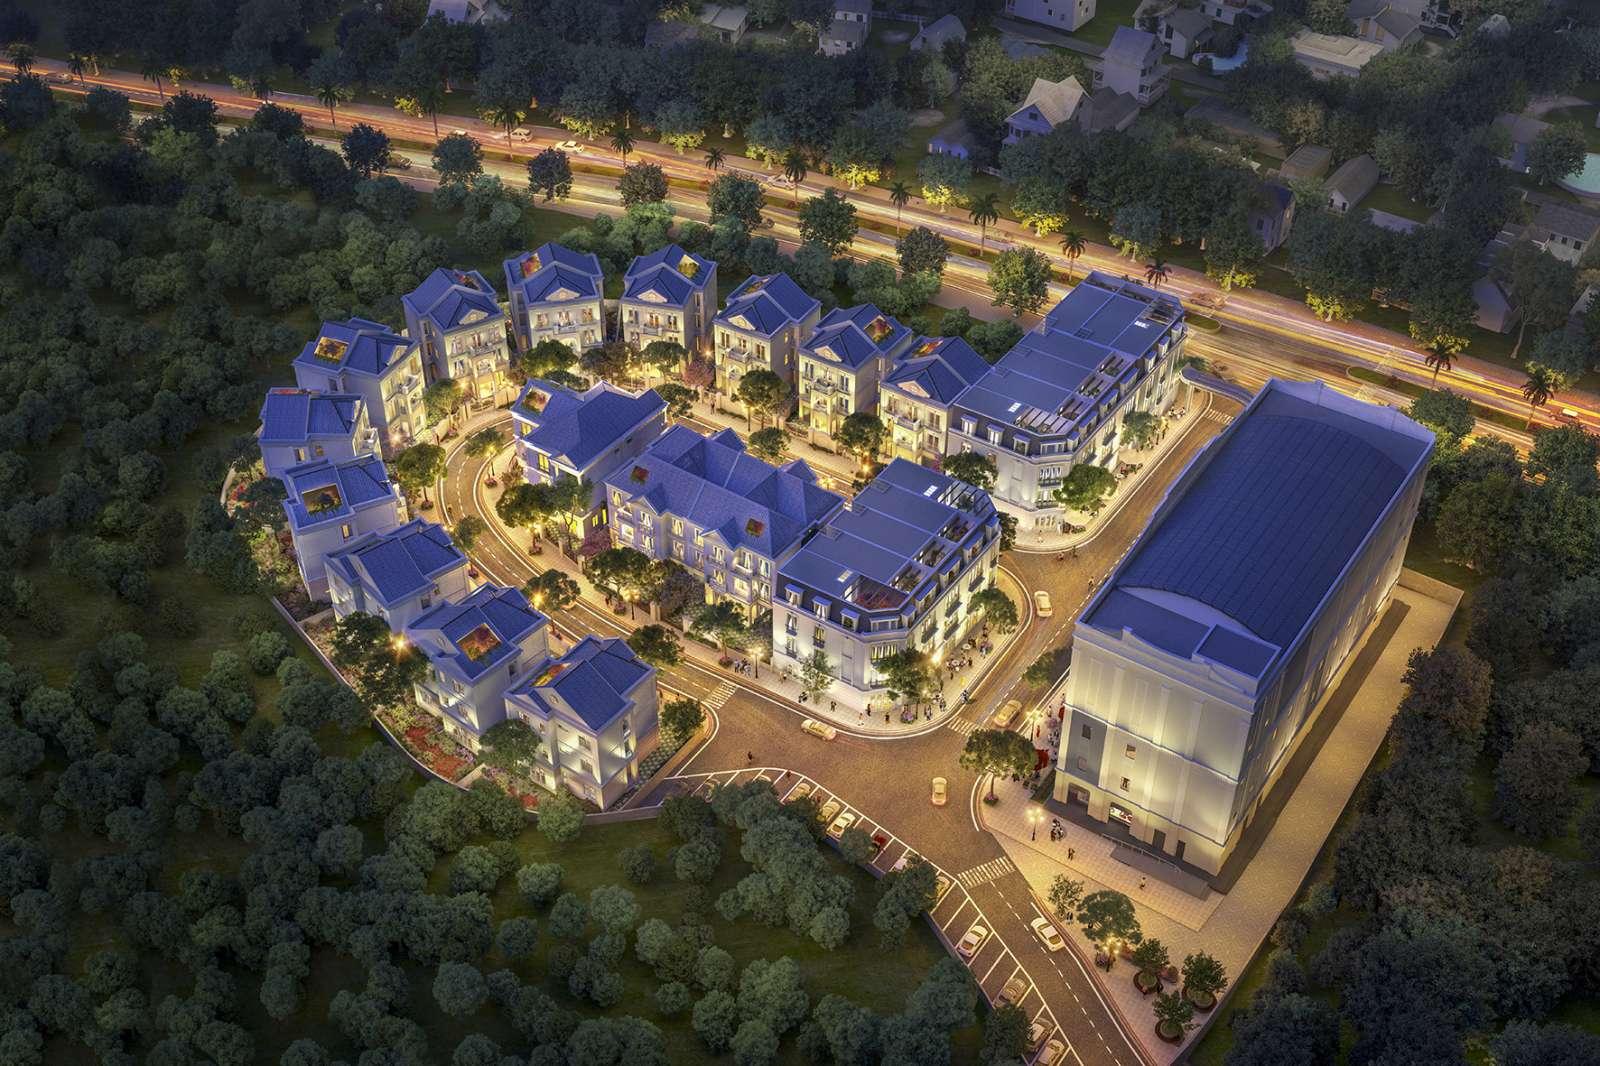 Mở bán chính thức dự án Melinh PLAZA Yên Bái vào 27/09  - Ảnh 1